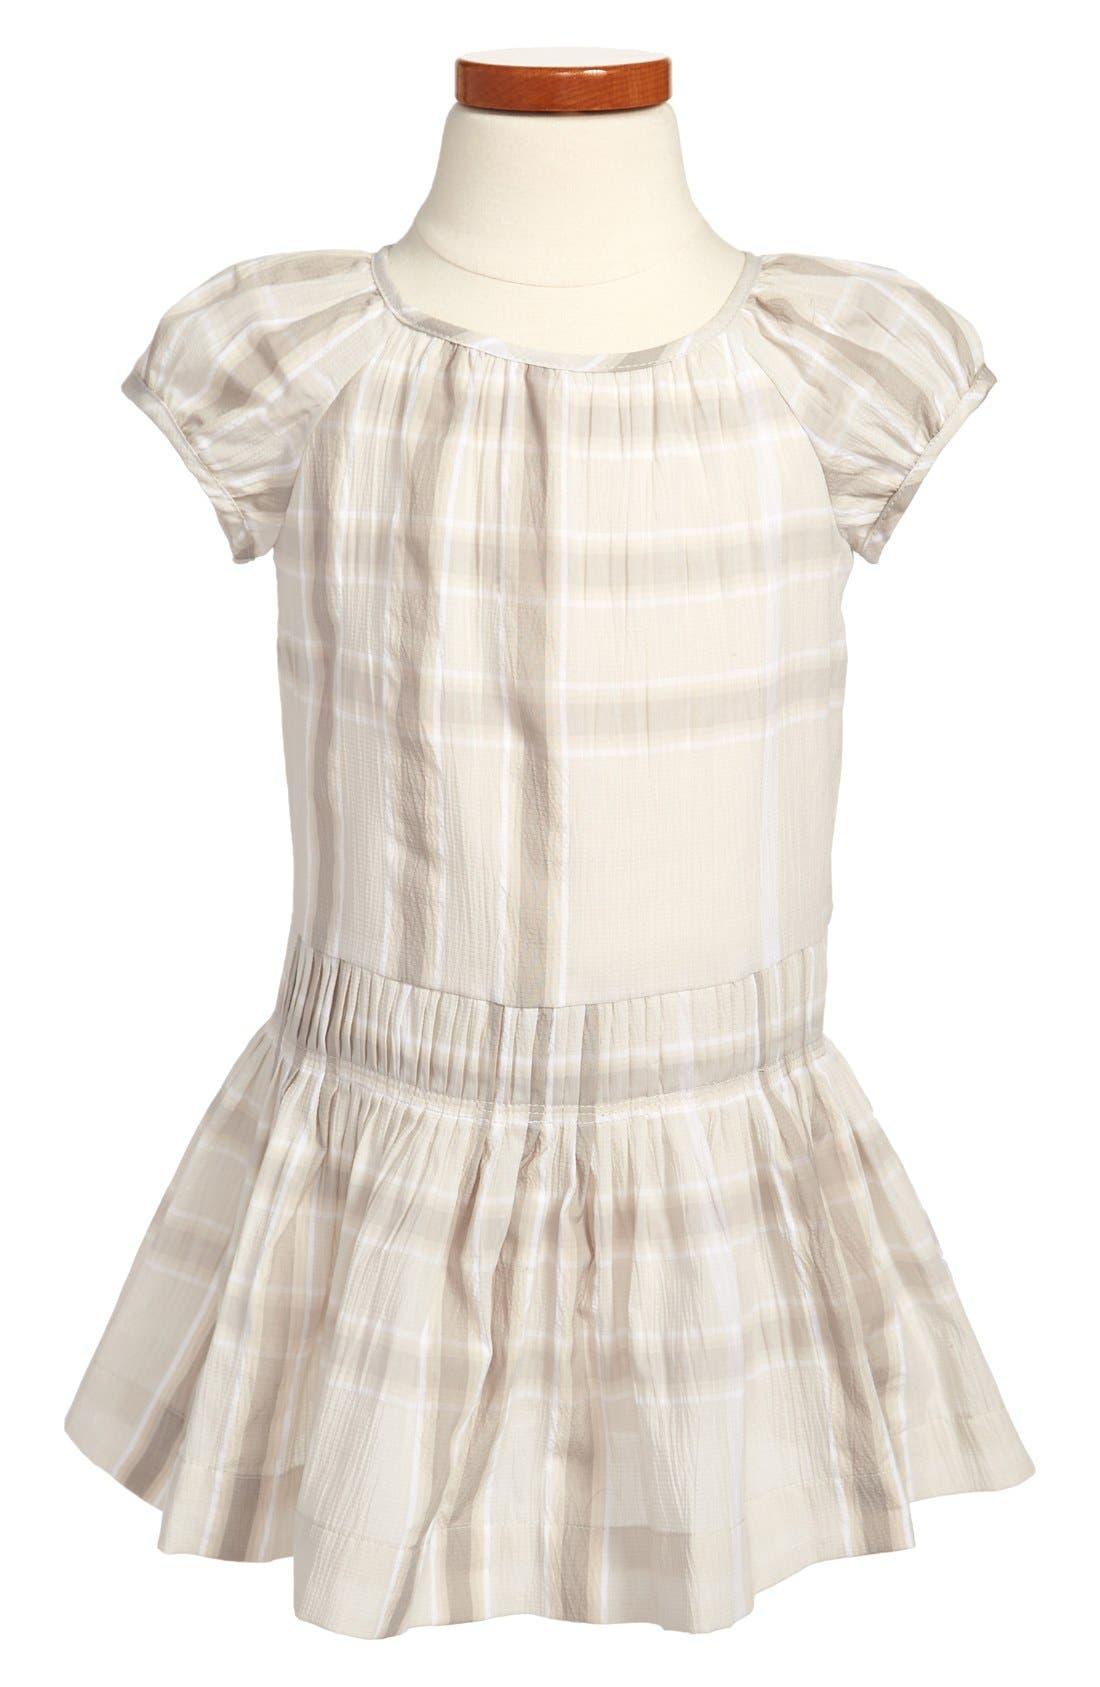 BURBERRY,                             'Edemme' Dress,                             Main thumbnail 1, color,                             250